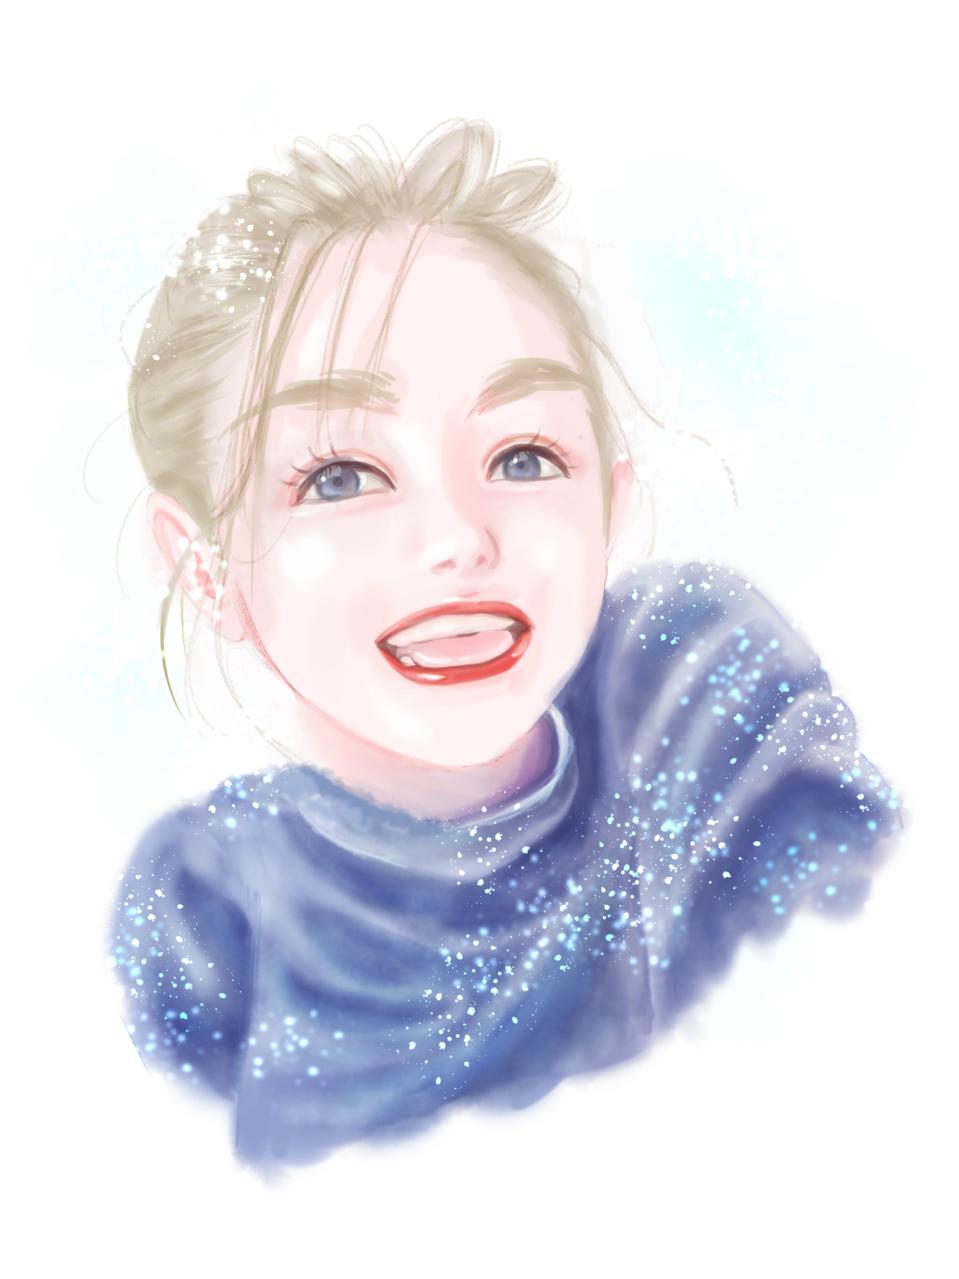 レイラニちゃん! Illust of FJ Post_Multiple_Images_Contest portrait girl kawaii watercolor レイラニ ThePromisedNeverland